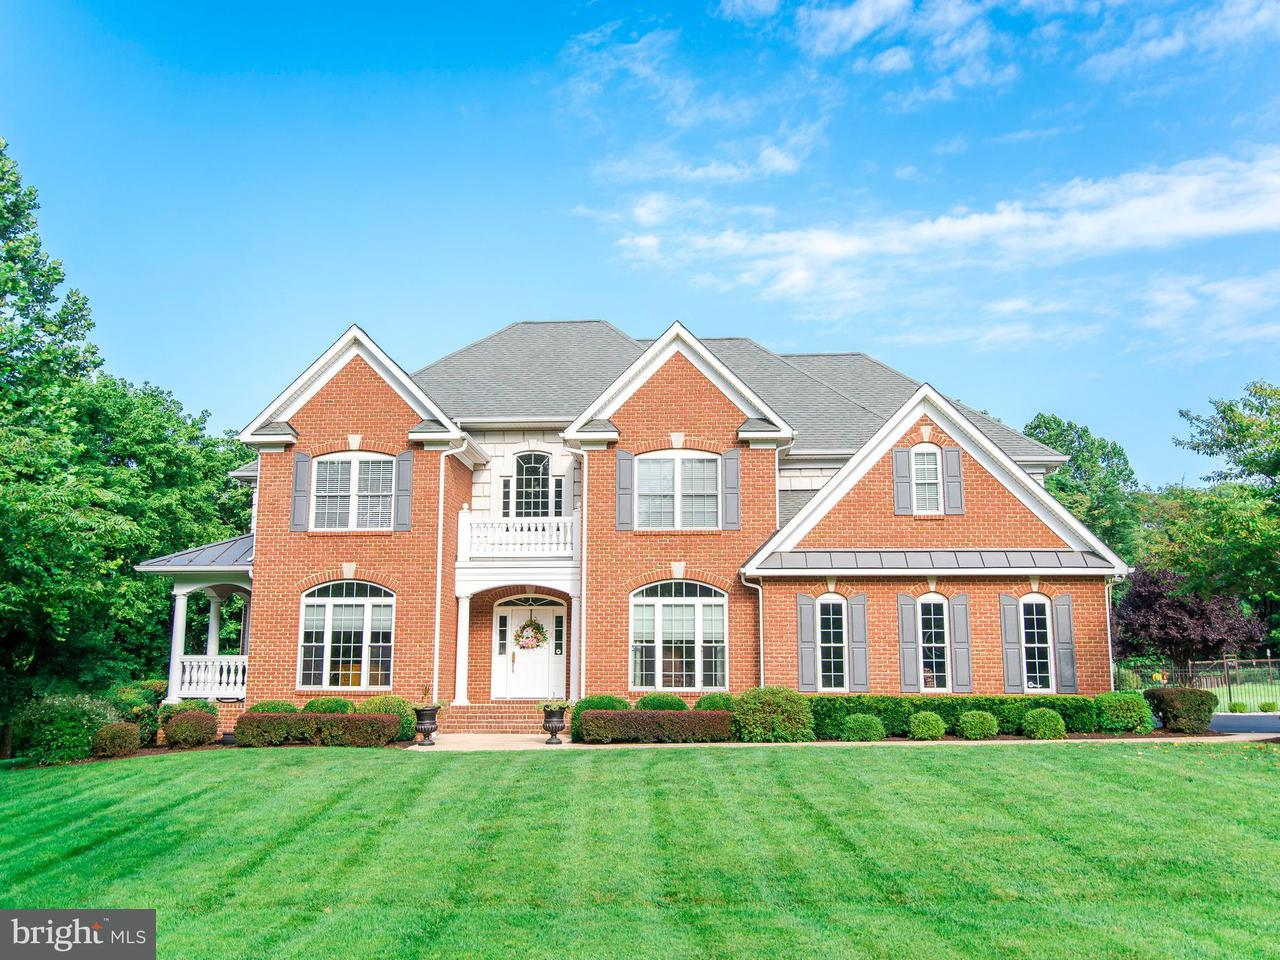 一戸建て のために 売買 アット 241 Chesapeake Lane 241 Chesapeake Lane Hedgesville, ウェストバージニア 25427 アメリカ合衆国